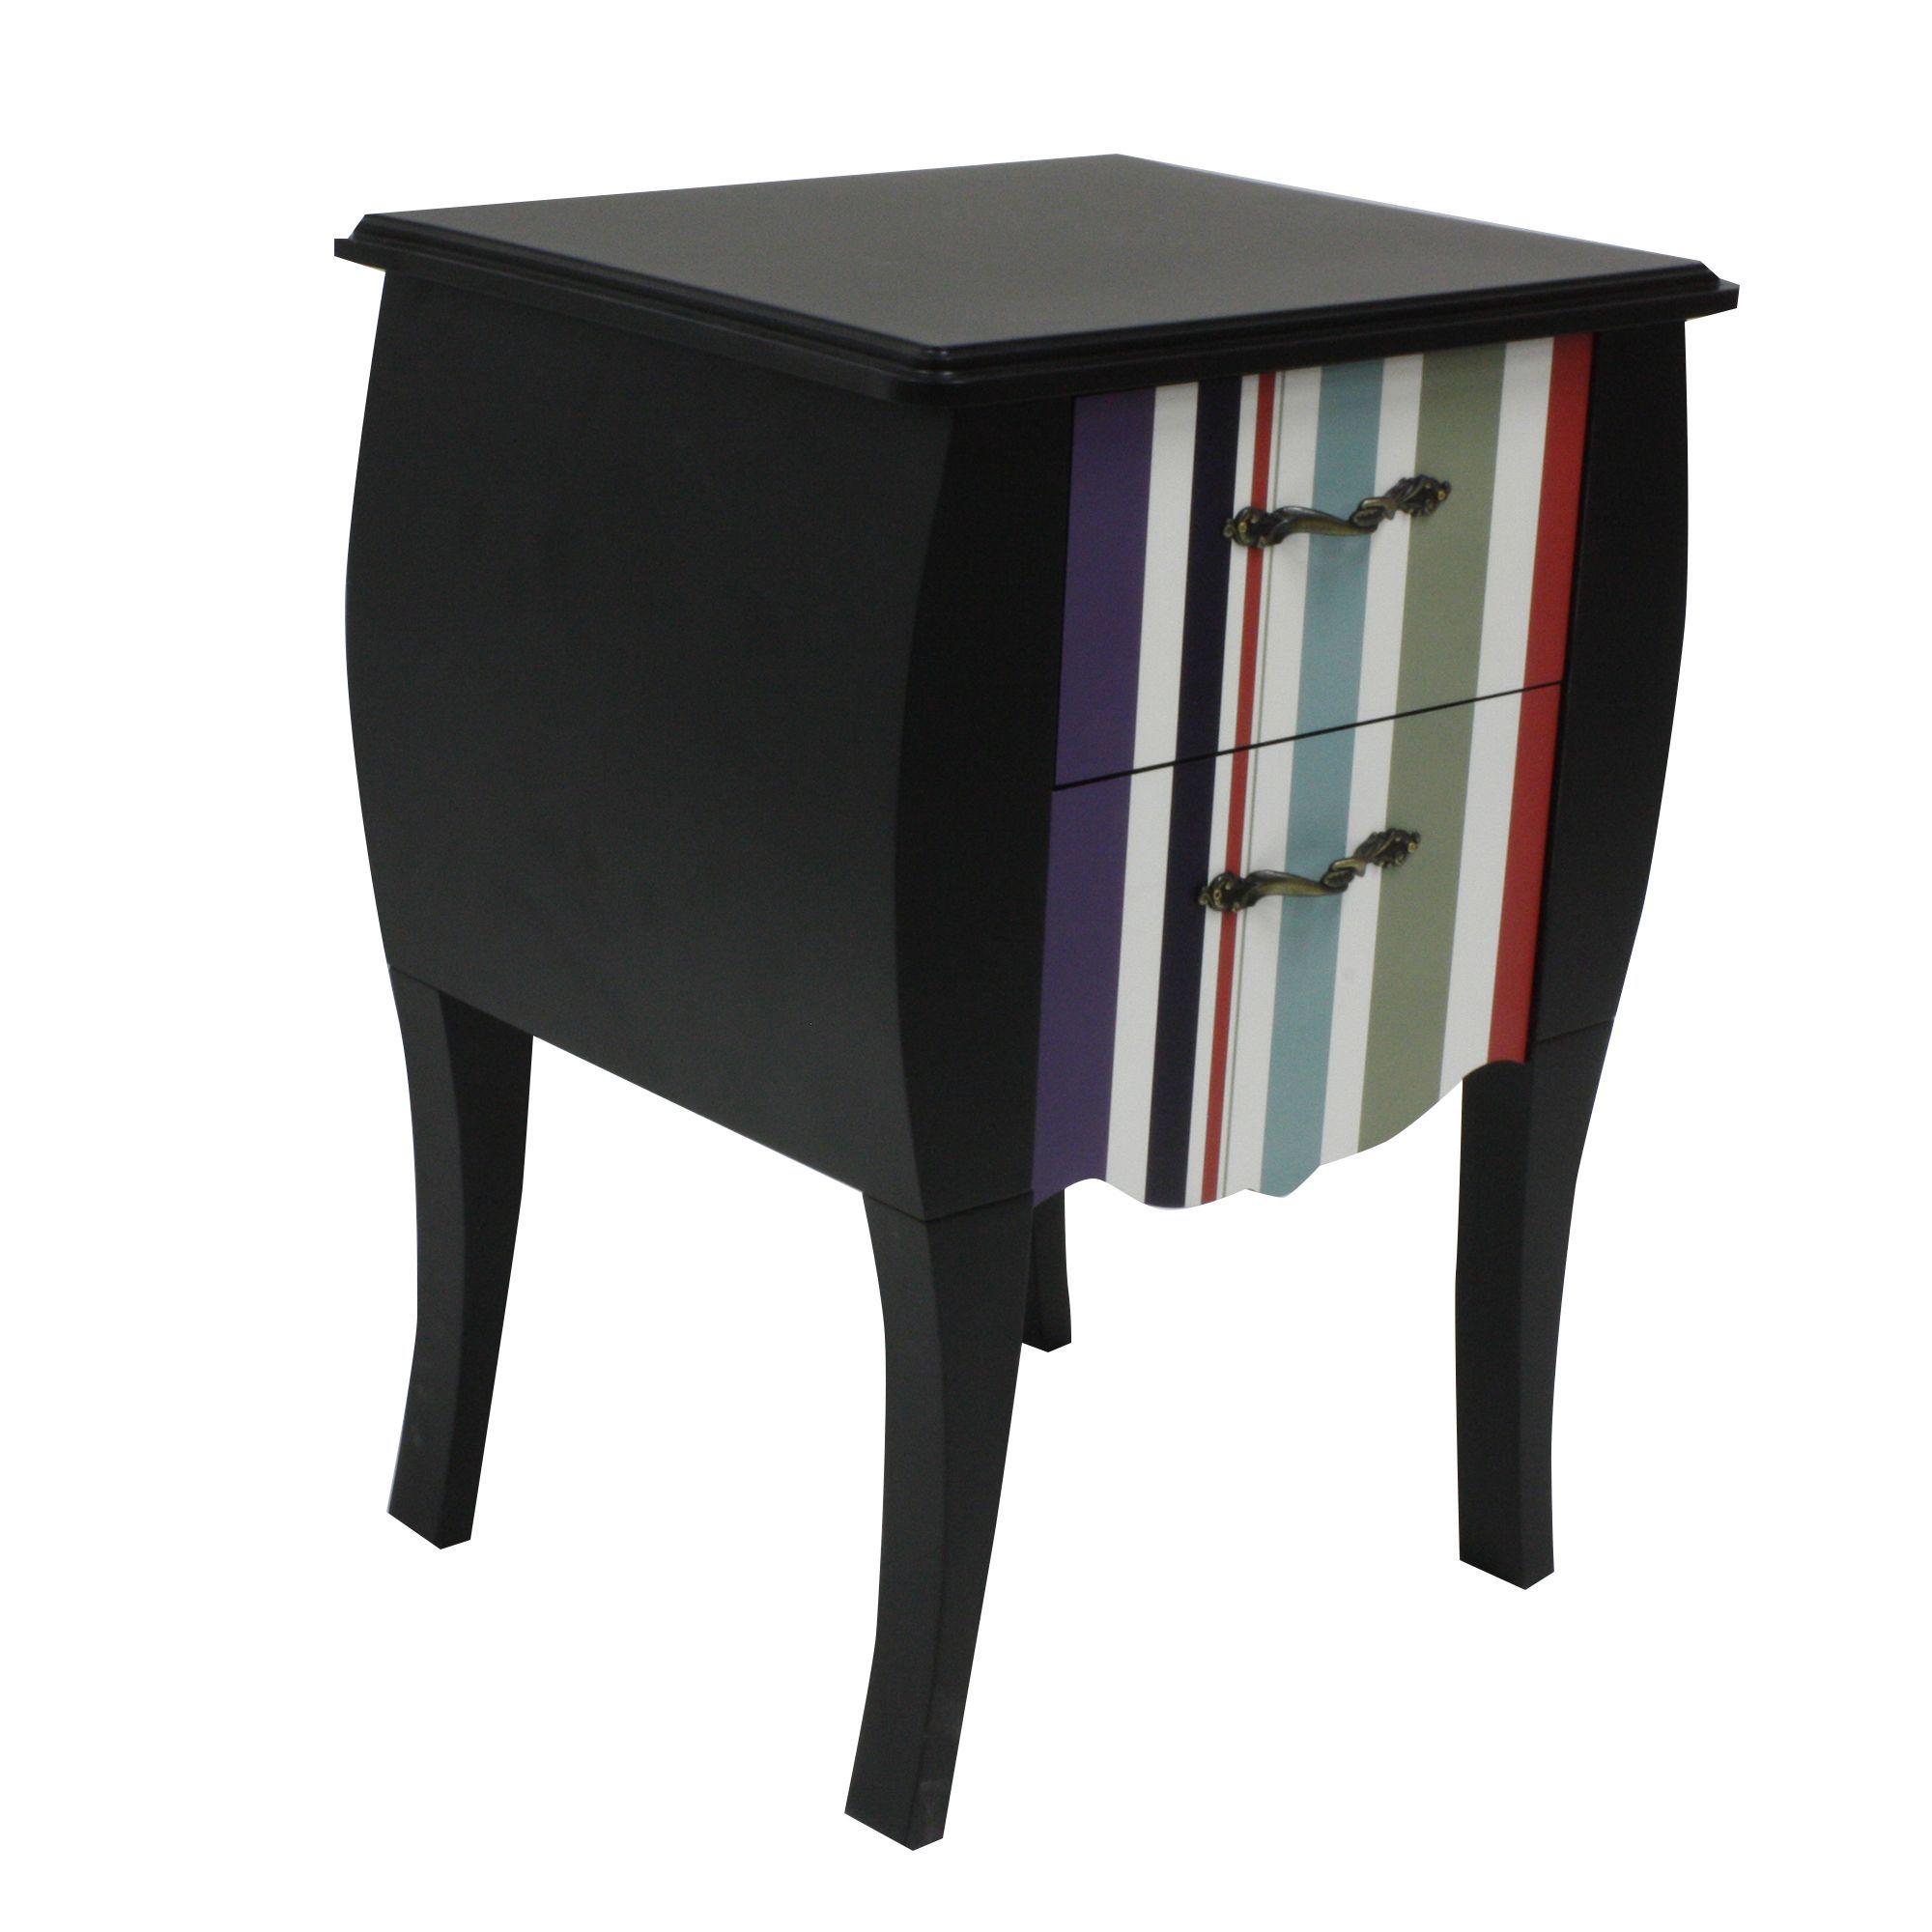 table de chevet 2 tiroirs imprim rayures bayadres noir print baroque caroussel - Table De Nuit Alinea